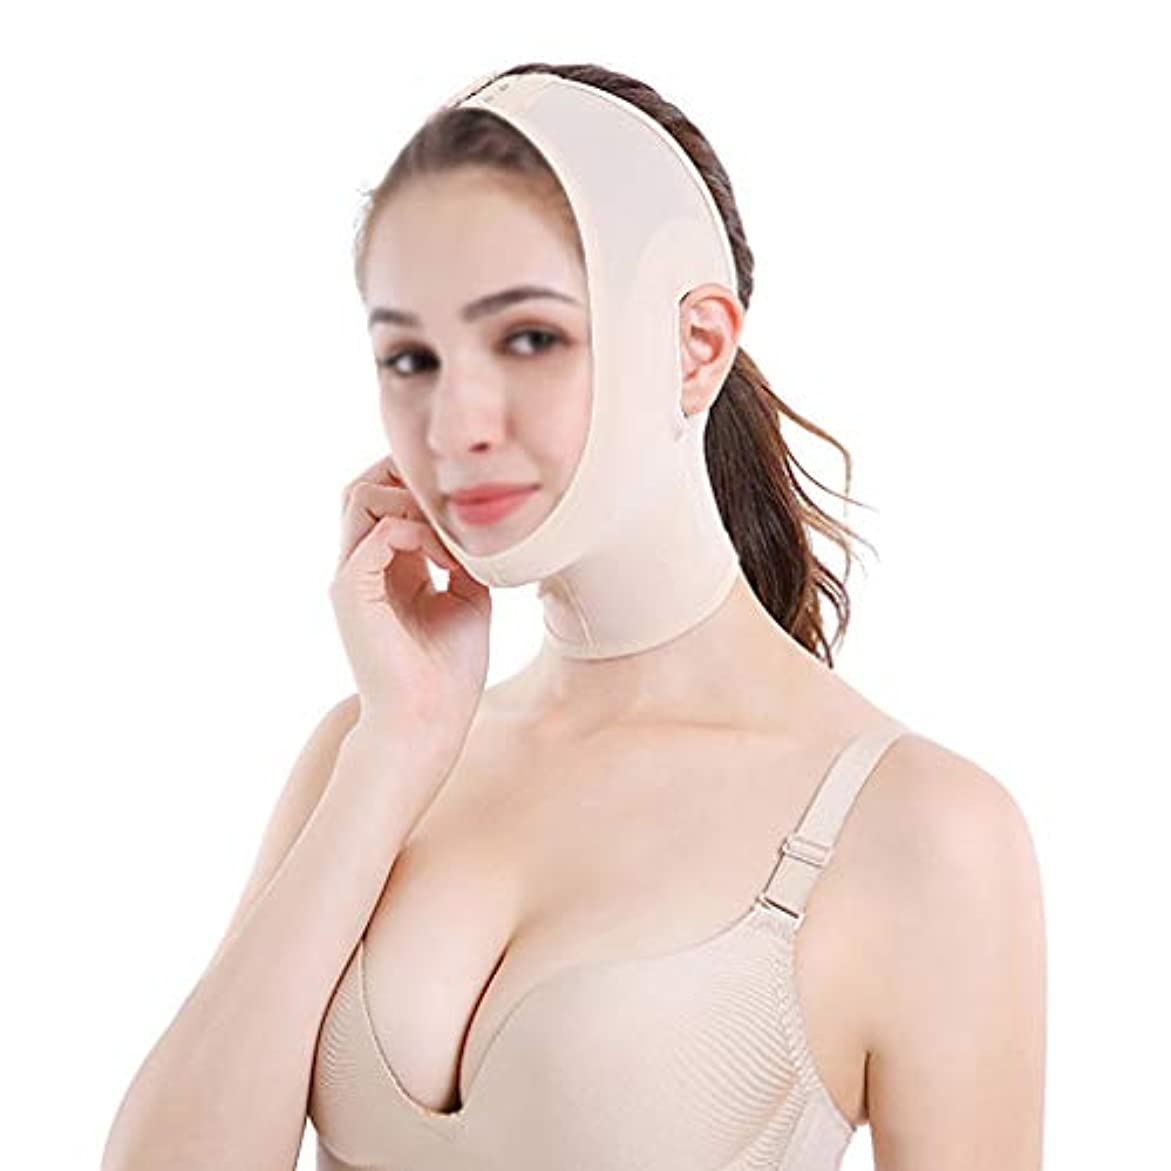 に沿ってプロフェッショナル同化GLJJQMY ベルト痩身ベルト薄い顔の包帯の小さいV顔の顔の薄い顔のアーティファクトの薄い顔の固定マスク 顔用整形マスク (Size : L)